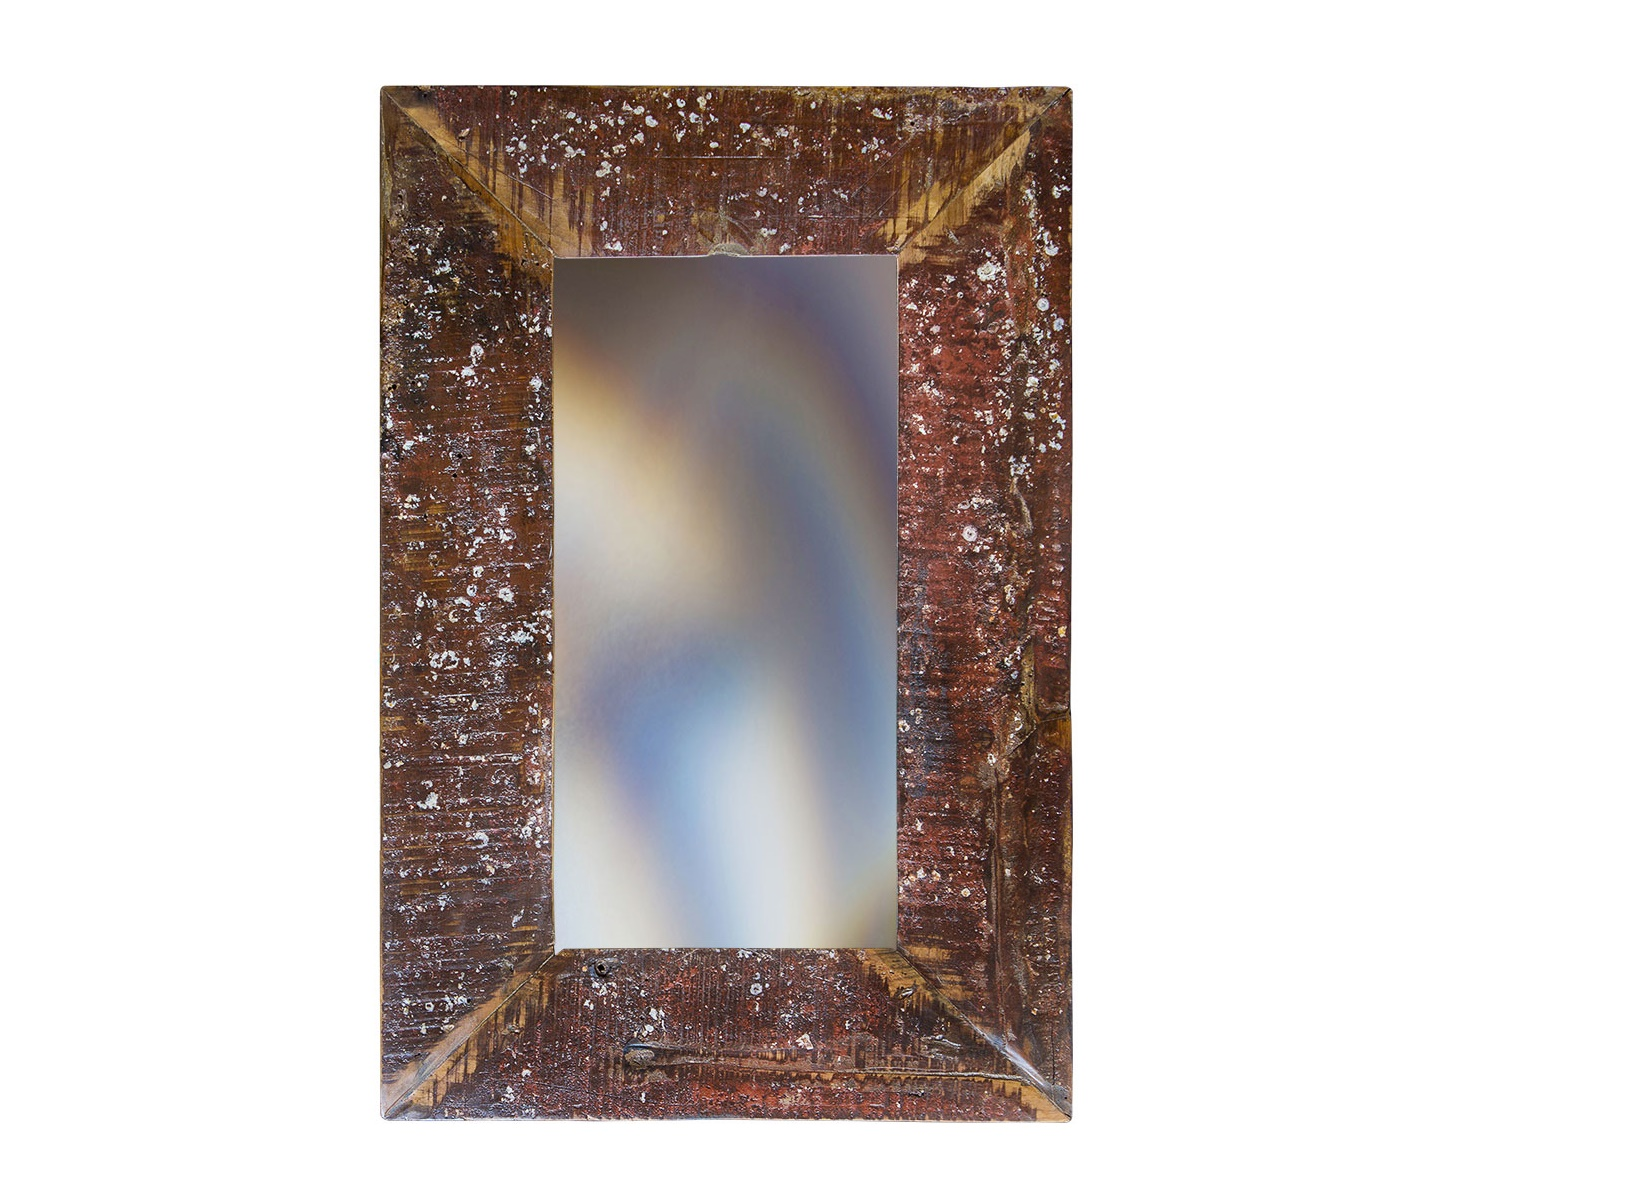 Зеркало Свет мой зеркальце 90Настенные зеркала<br>&amp;lt;div&amp;gt;Это зеркало найдет ответы на все вопросы о привлекательности. Внешний вид рамы отражает налет десятилетий. Краска местами слезла, оставив шероховатости и следы нескольких окрашиваний. Такая обработка подчеркивает старину предмета. Оно идеально подойдет для винтажных и эклектичных интерьеров.&amp;lt;/div&amp;gt;&amp;lt;div&amp;gt;&amp;lt;br&amp;gt;&amp;lt;/div&amp;gt;Зеркало выполнено из фрагментов настоящего рыболовецкого судна, возраст которого 20-40 лет. Окрас сохранён оригинальный.<br><br>Material: Тик<br>Width см: 60<br>Depth см: 4<br>Height см: 90